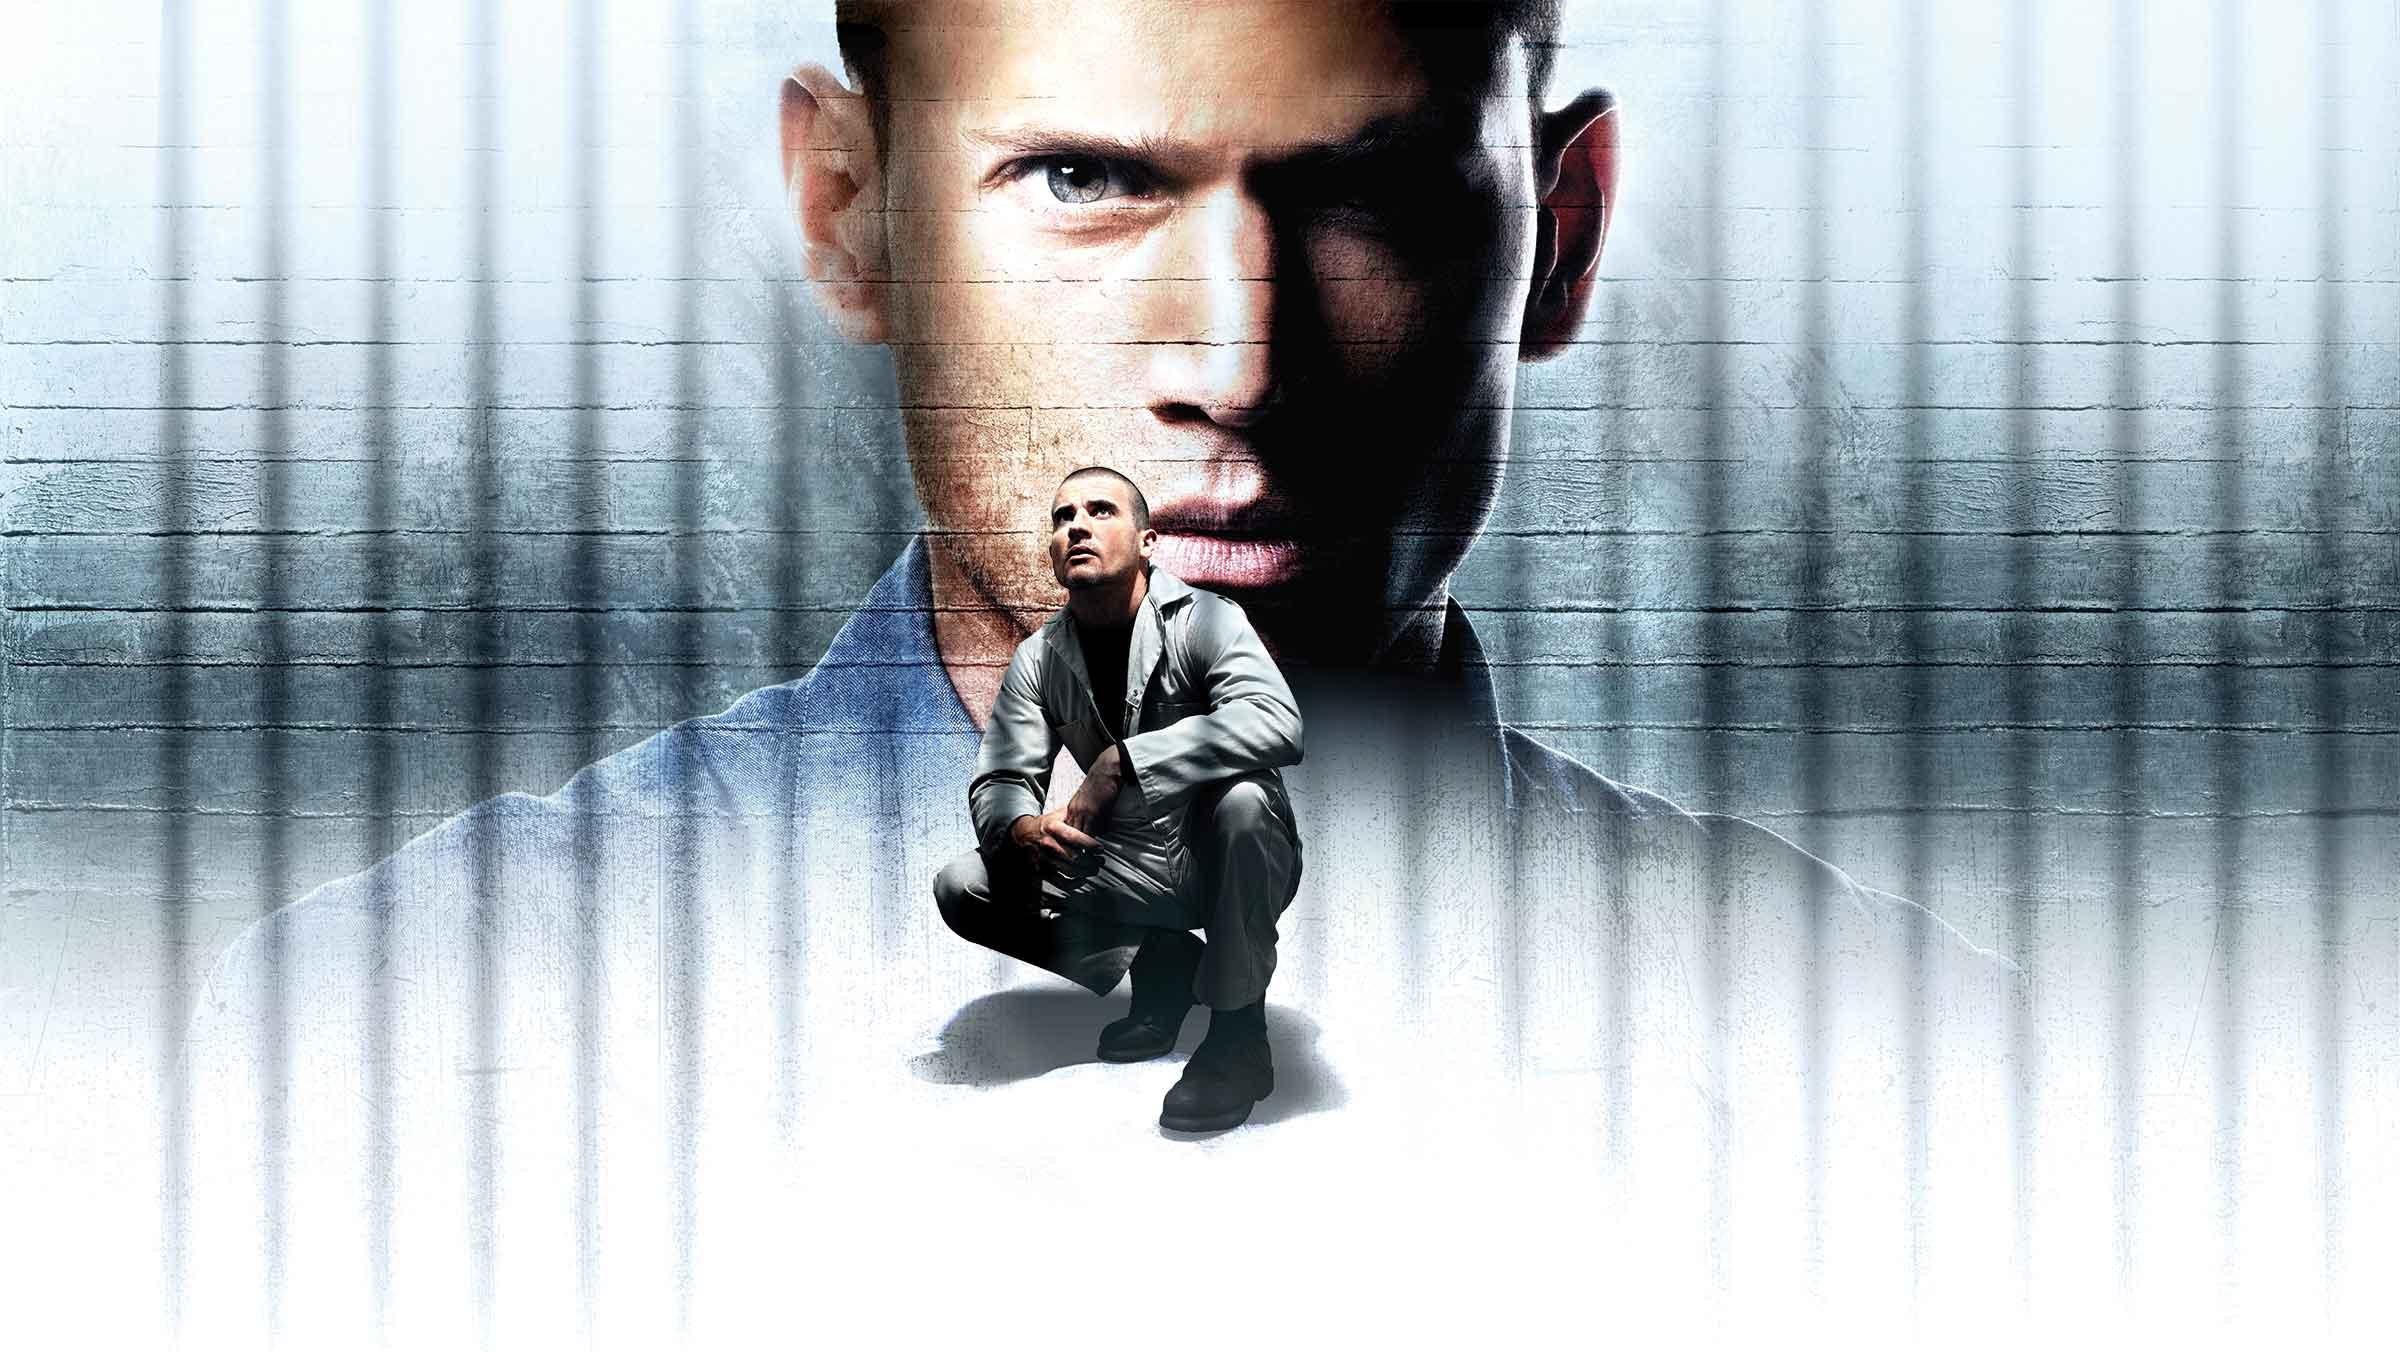 Бягство от затвора екшън сериал по FOX